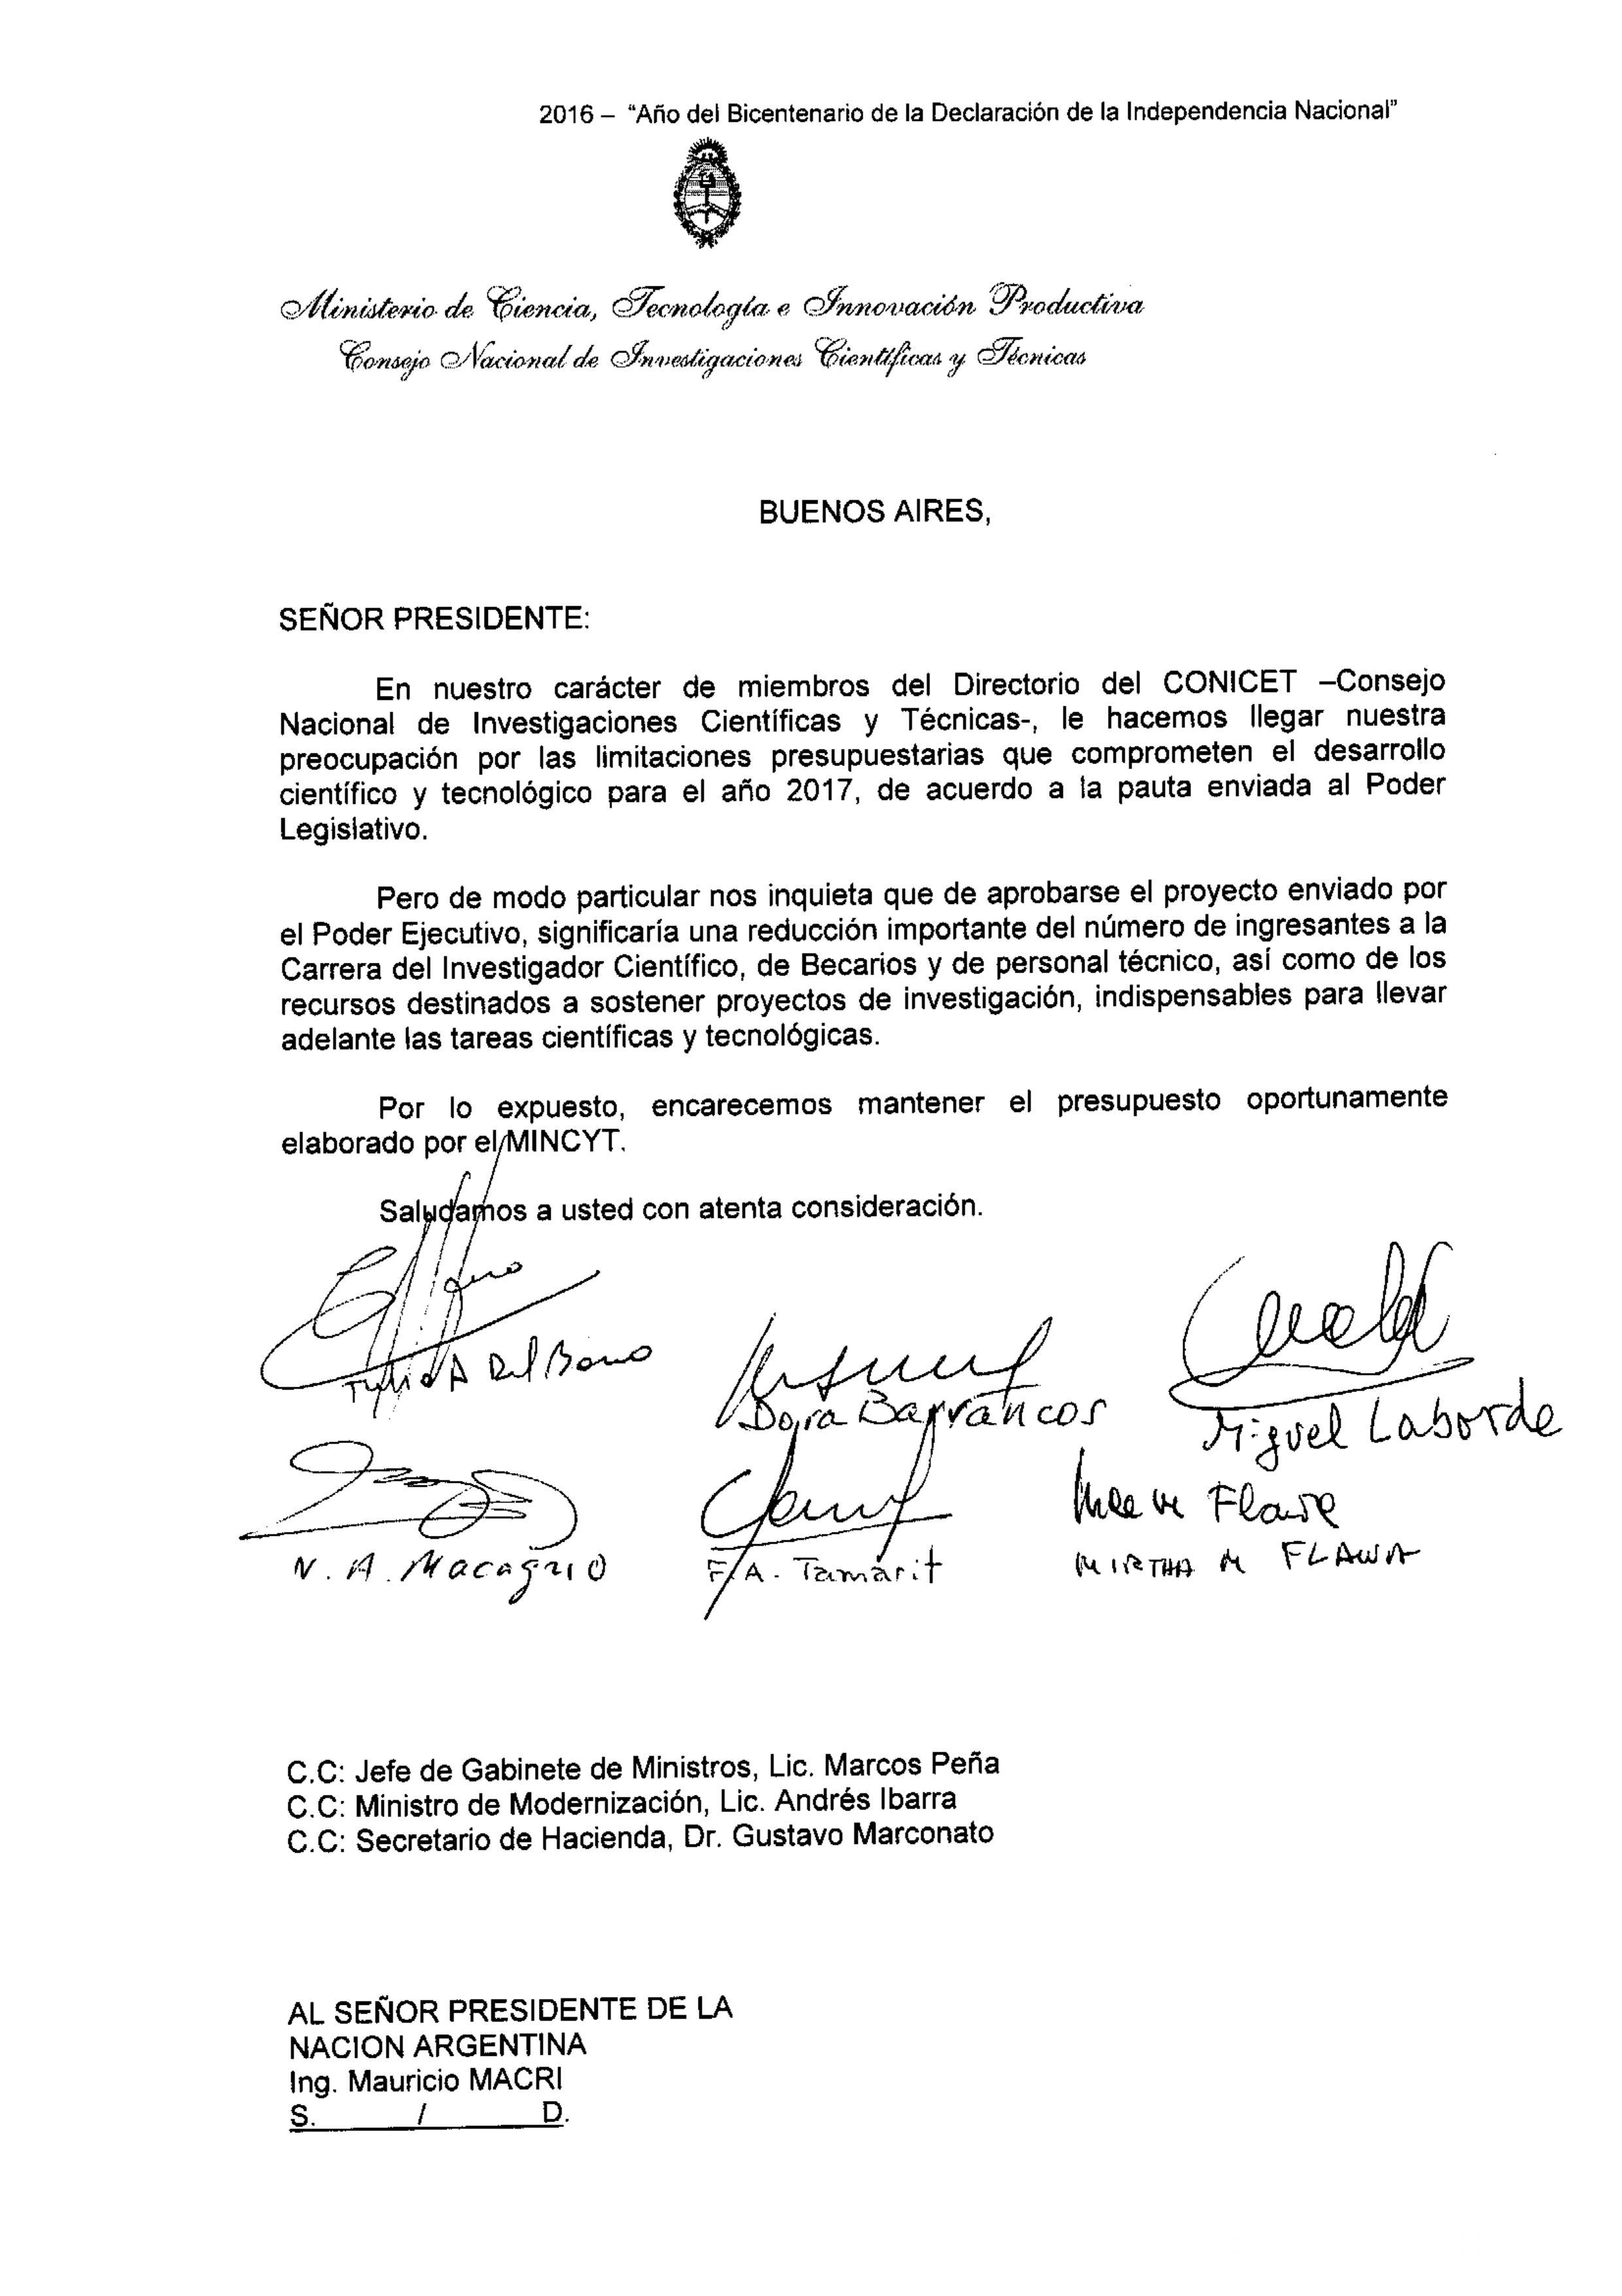 carta-del-directorio-al-presidente-de-la-nacion